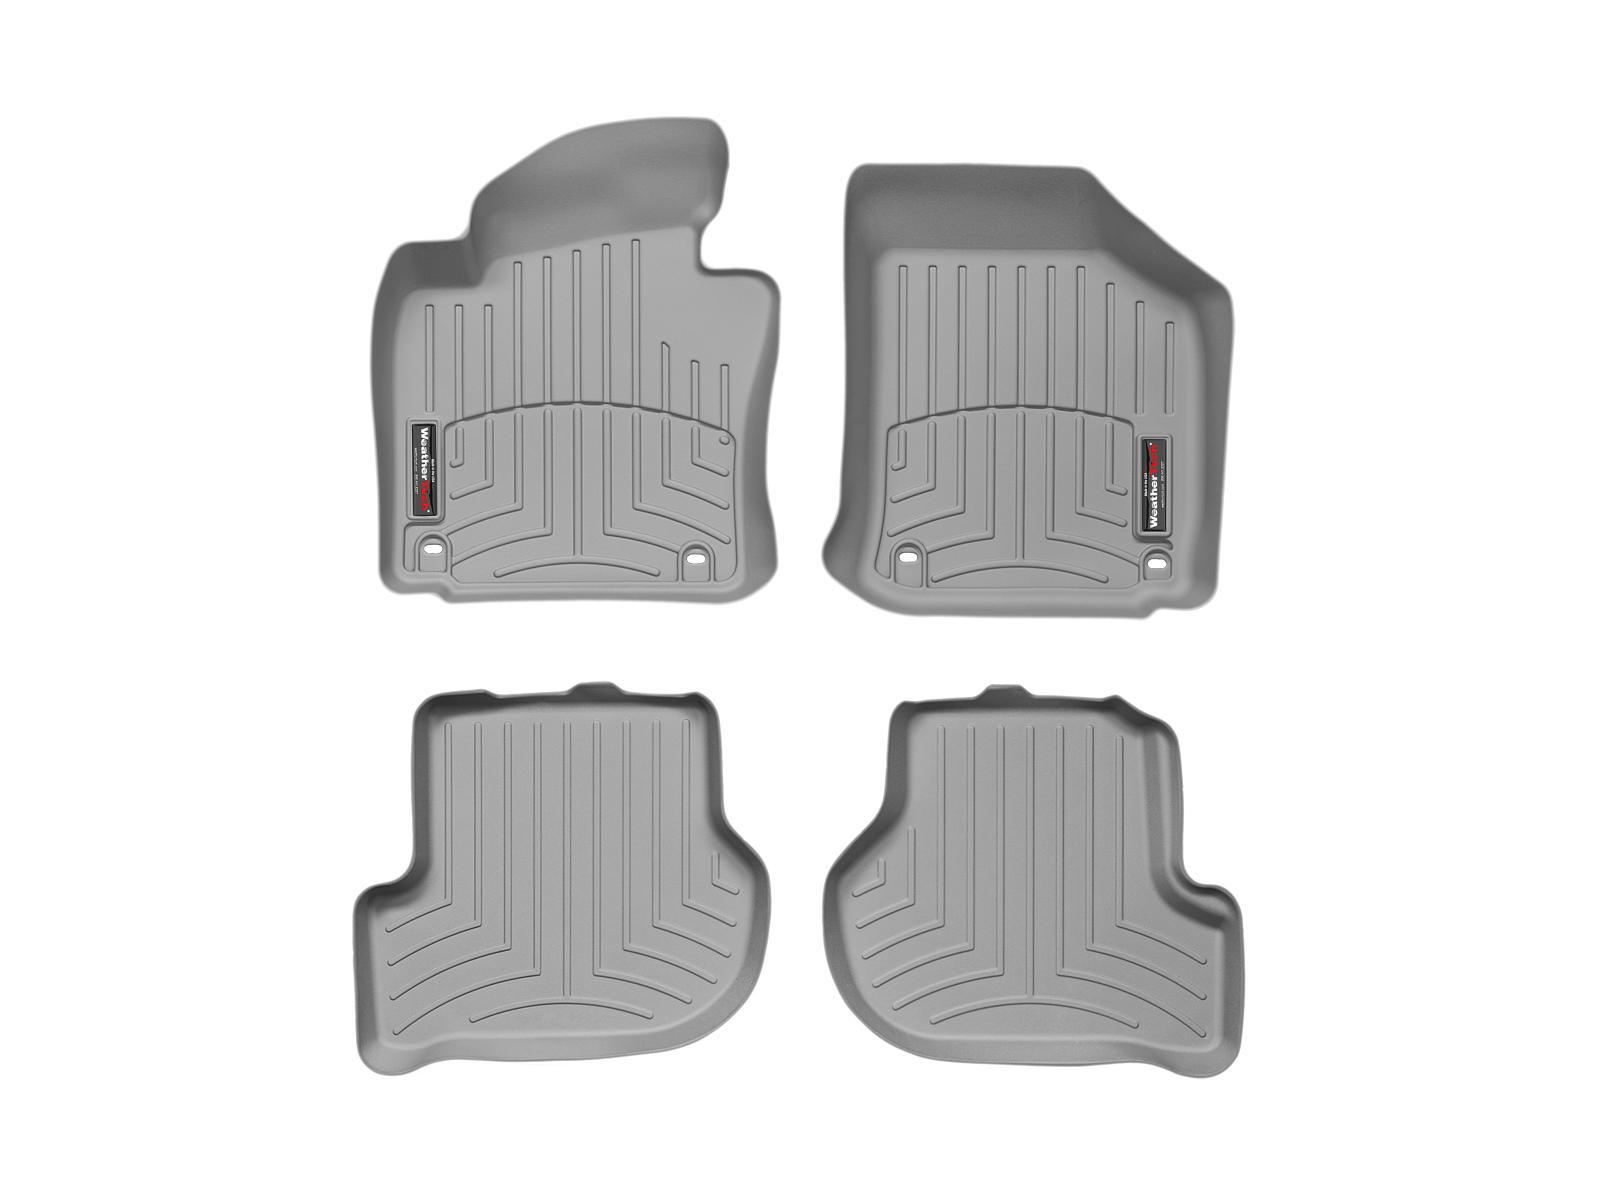 Tappeti gomma su misura bordo alto Volkswagen Golf 04>11 Grigio A4030*